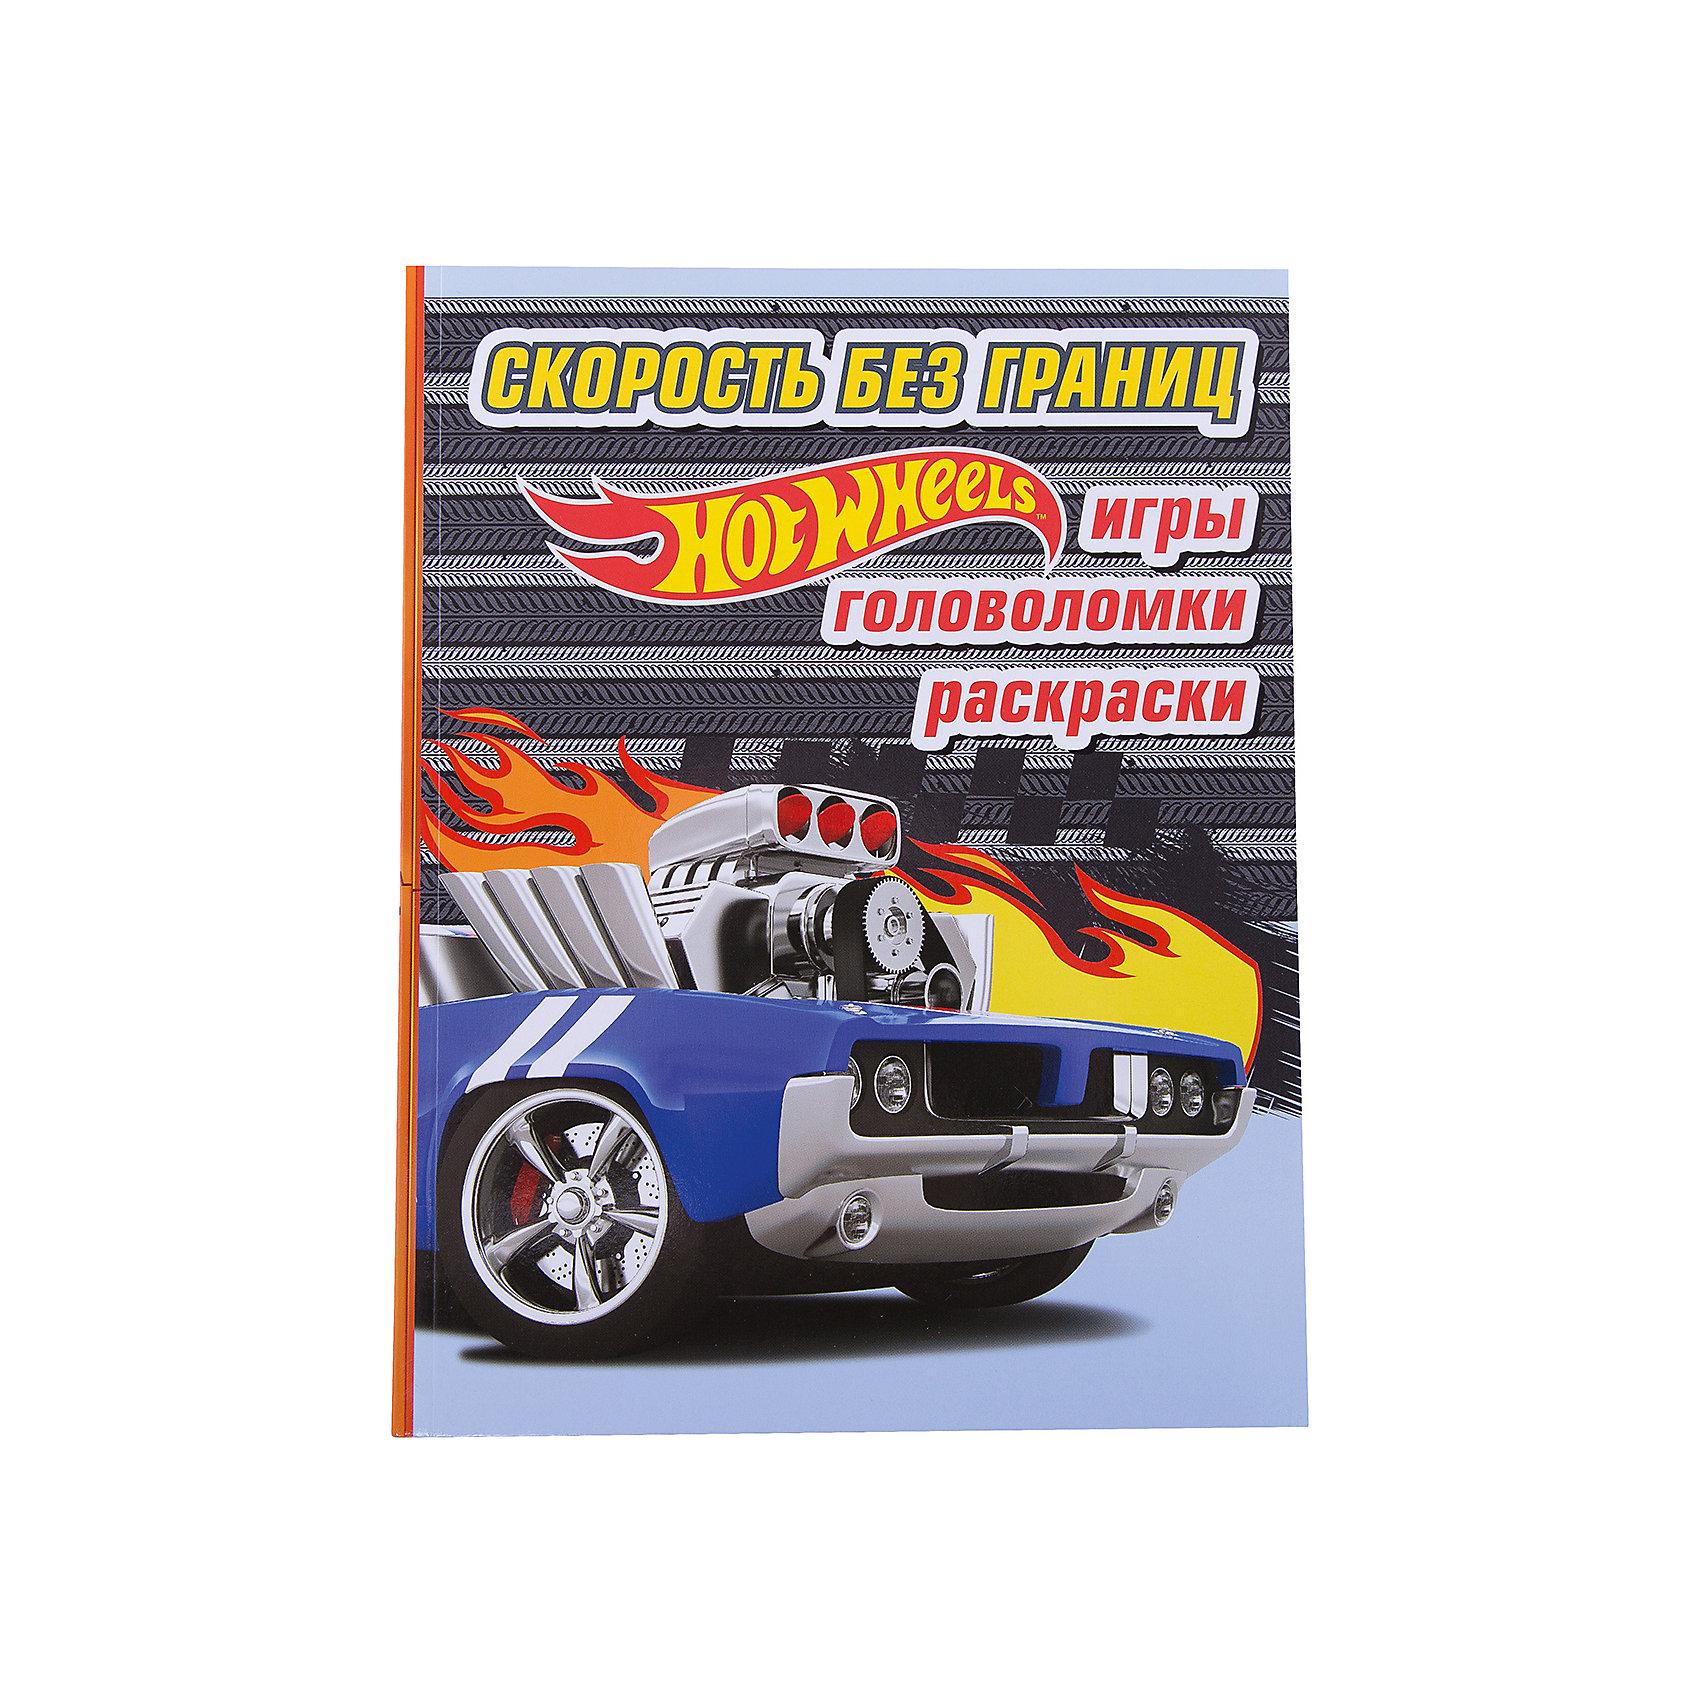 Игры, головоломки, раскраски Скорость без границHot Wheels<br>Специально для поклонников сверхскоростного мира Hot Wheels! Красочный сборник увлекательных игр и развивающих заданий с любимыми суперавтомобилями Hot Wheels!<br><br>Ширина мм: 290<br>Глубина мм: 200<br>Высота мм: 10<br>Вес г: 268<br>Возраст от месяцев: 72<br>Возраст до месяцев: 120<br>Пол: Унисекс<br>Возраст: Детский<br>SKU: 6878169